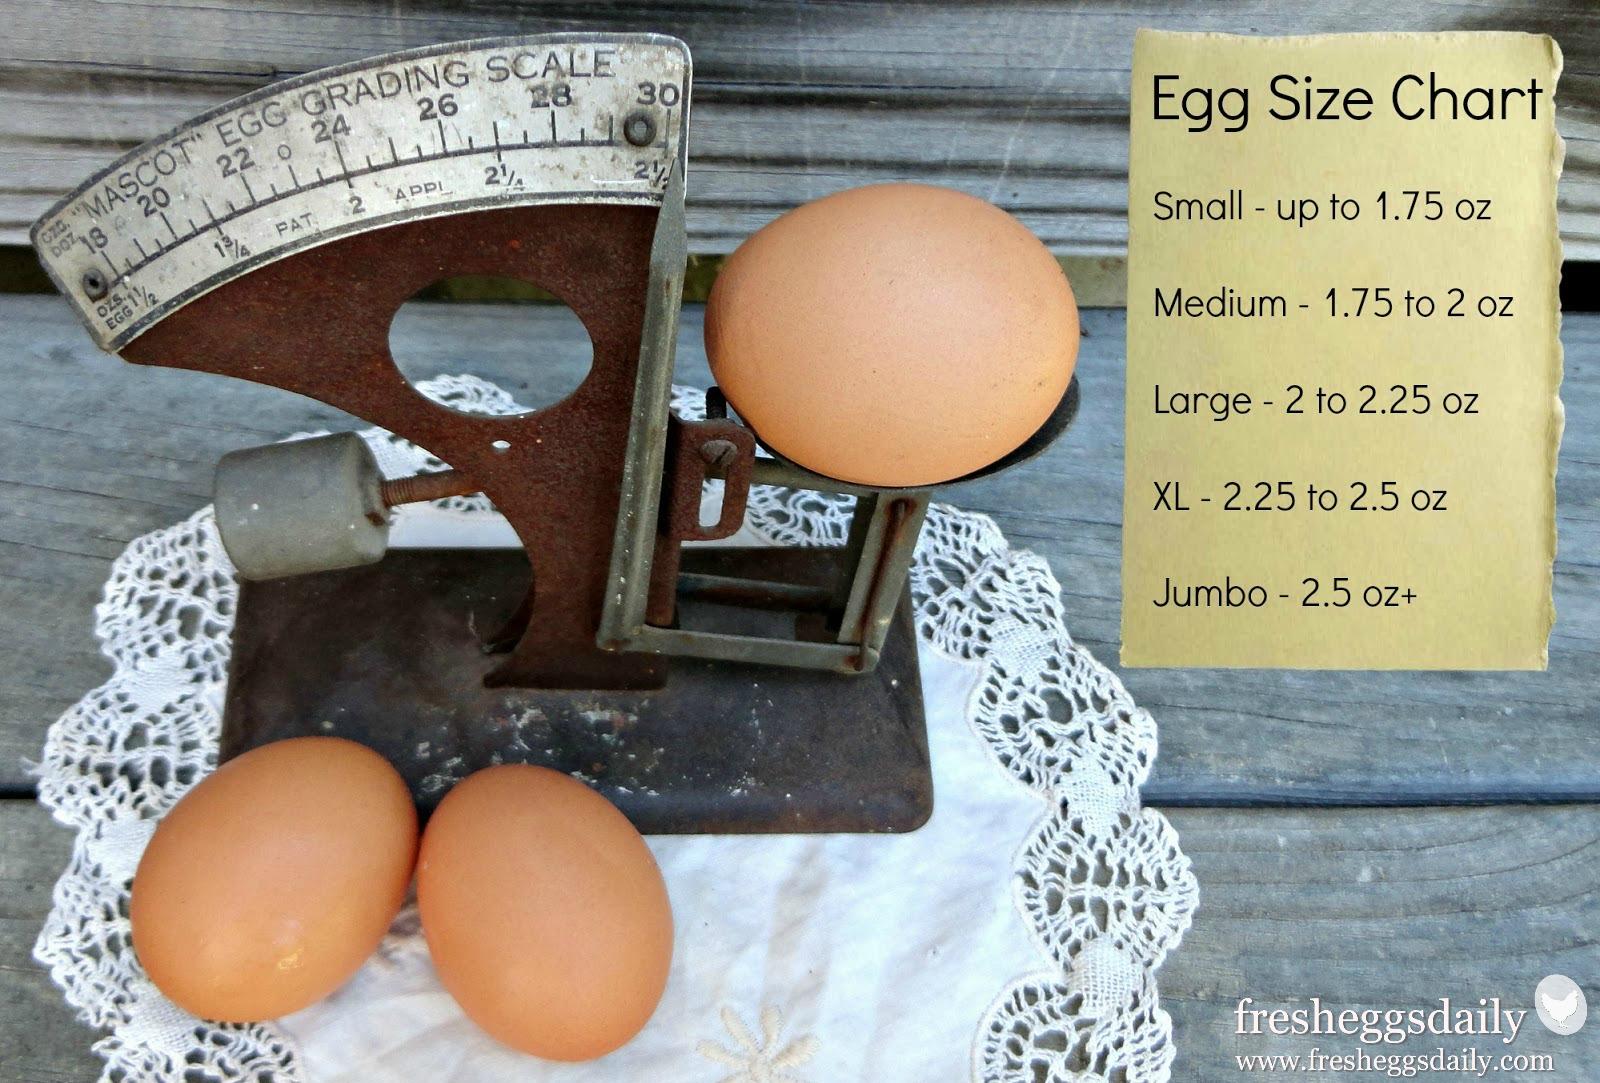 egg-size-chart.jpg